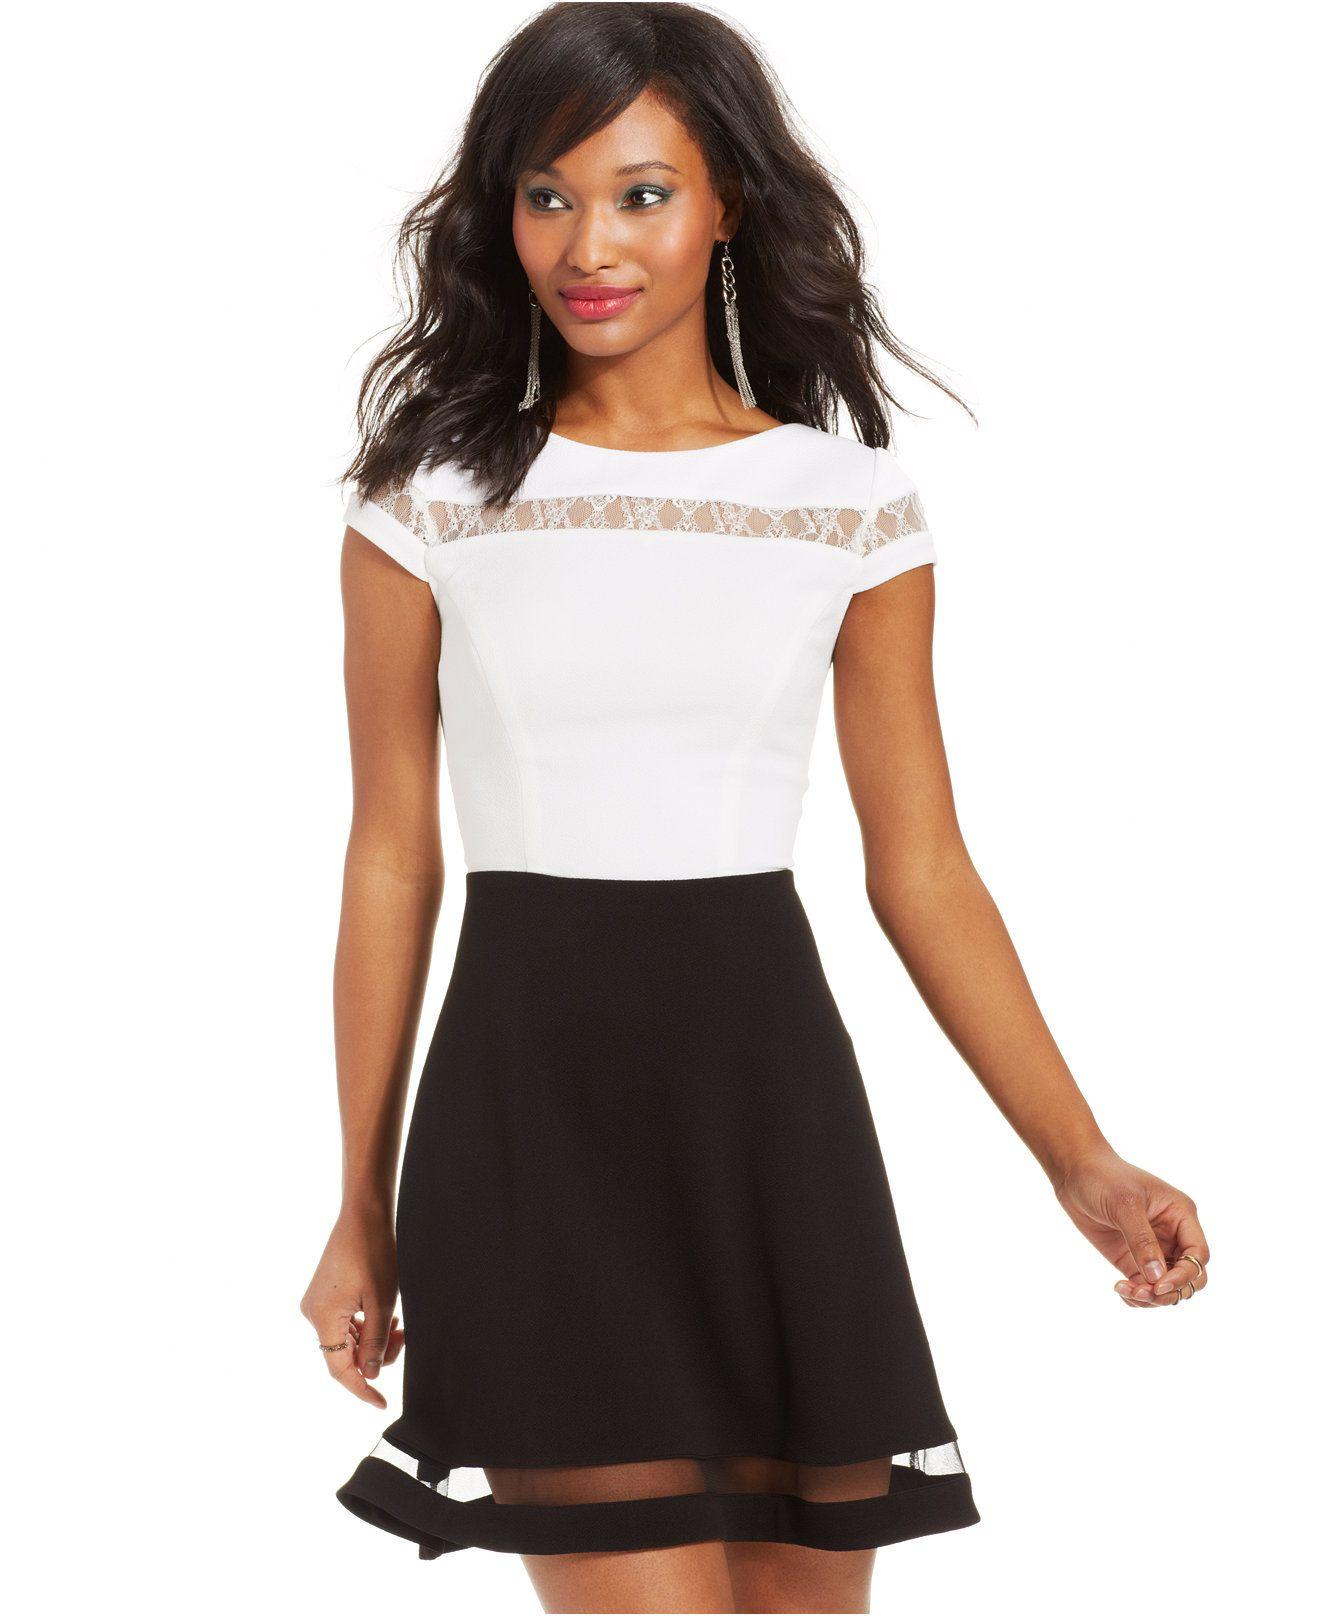 cb817c4565e Teeze Me Juniors' Colorblock Illusion Dress - Teenage Dresses ...